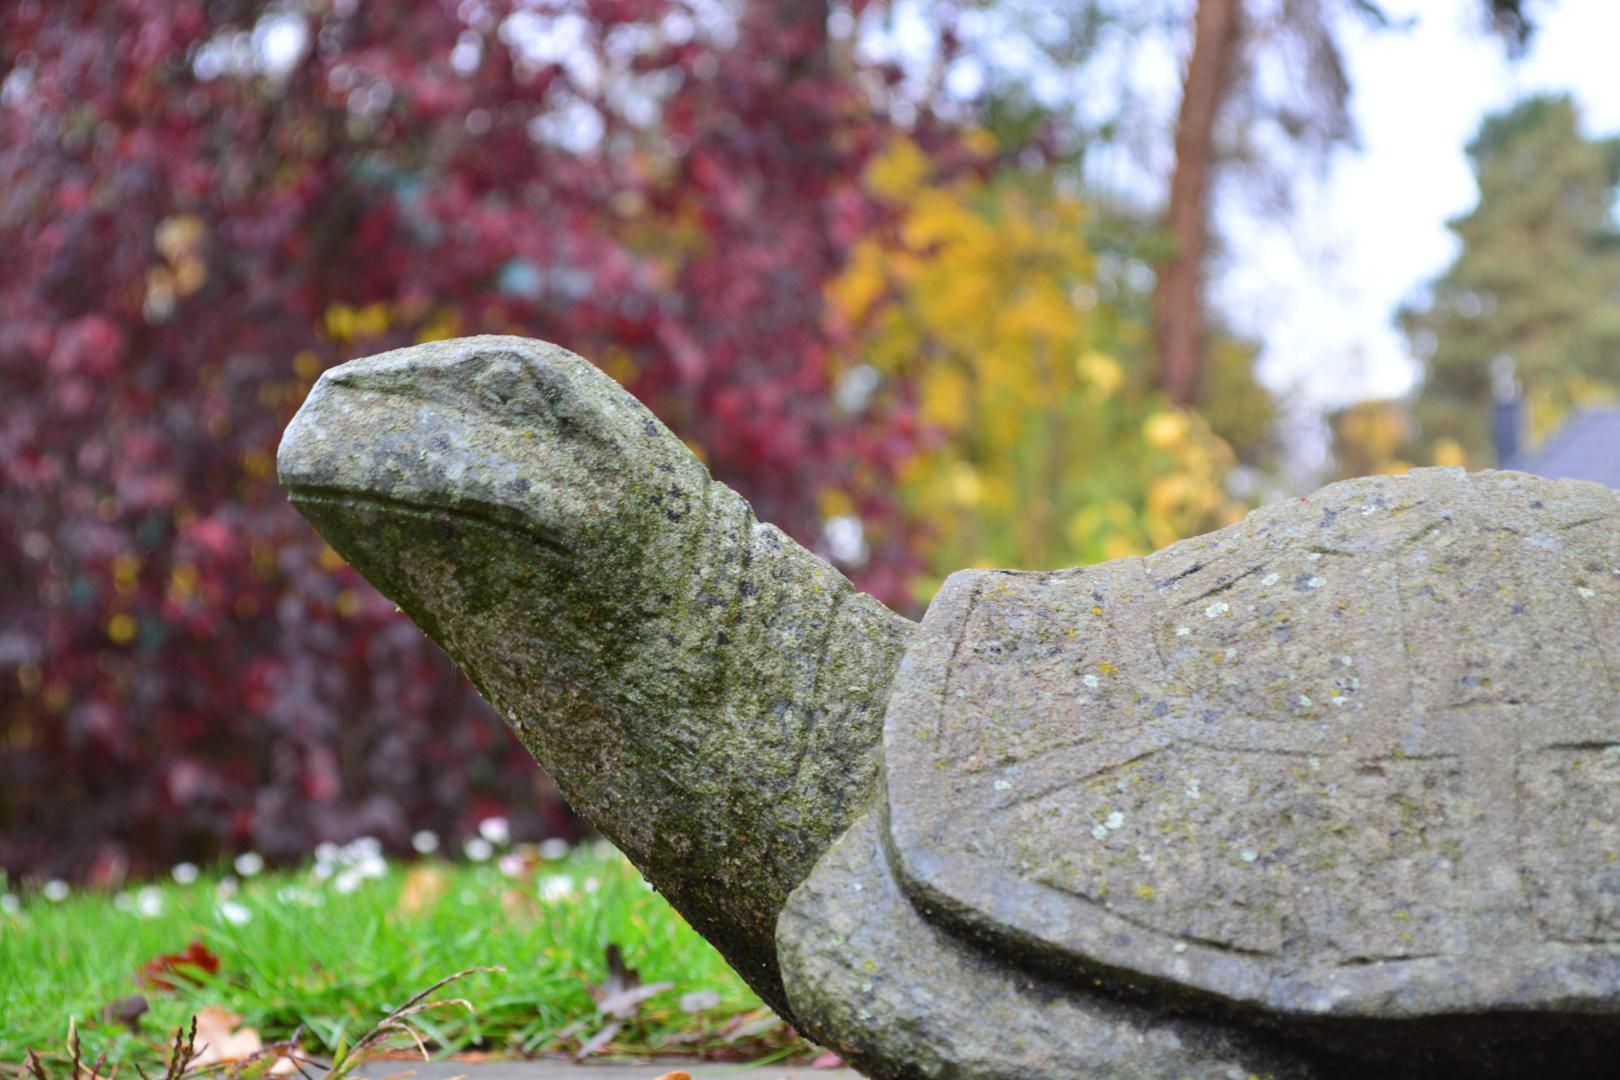 Egbert - unsere Steinschildkröte